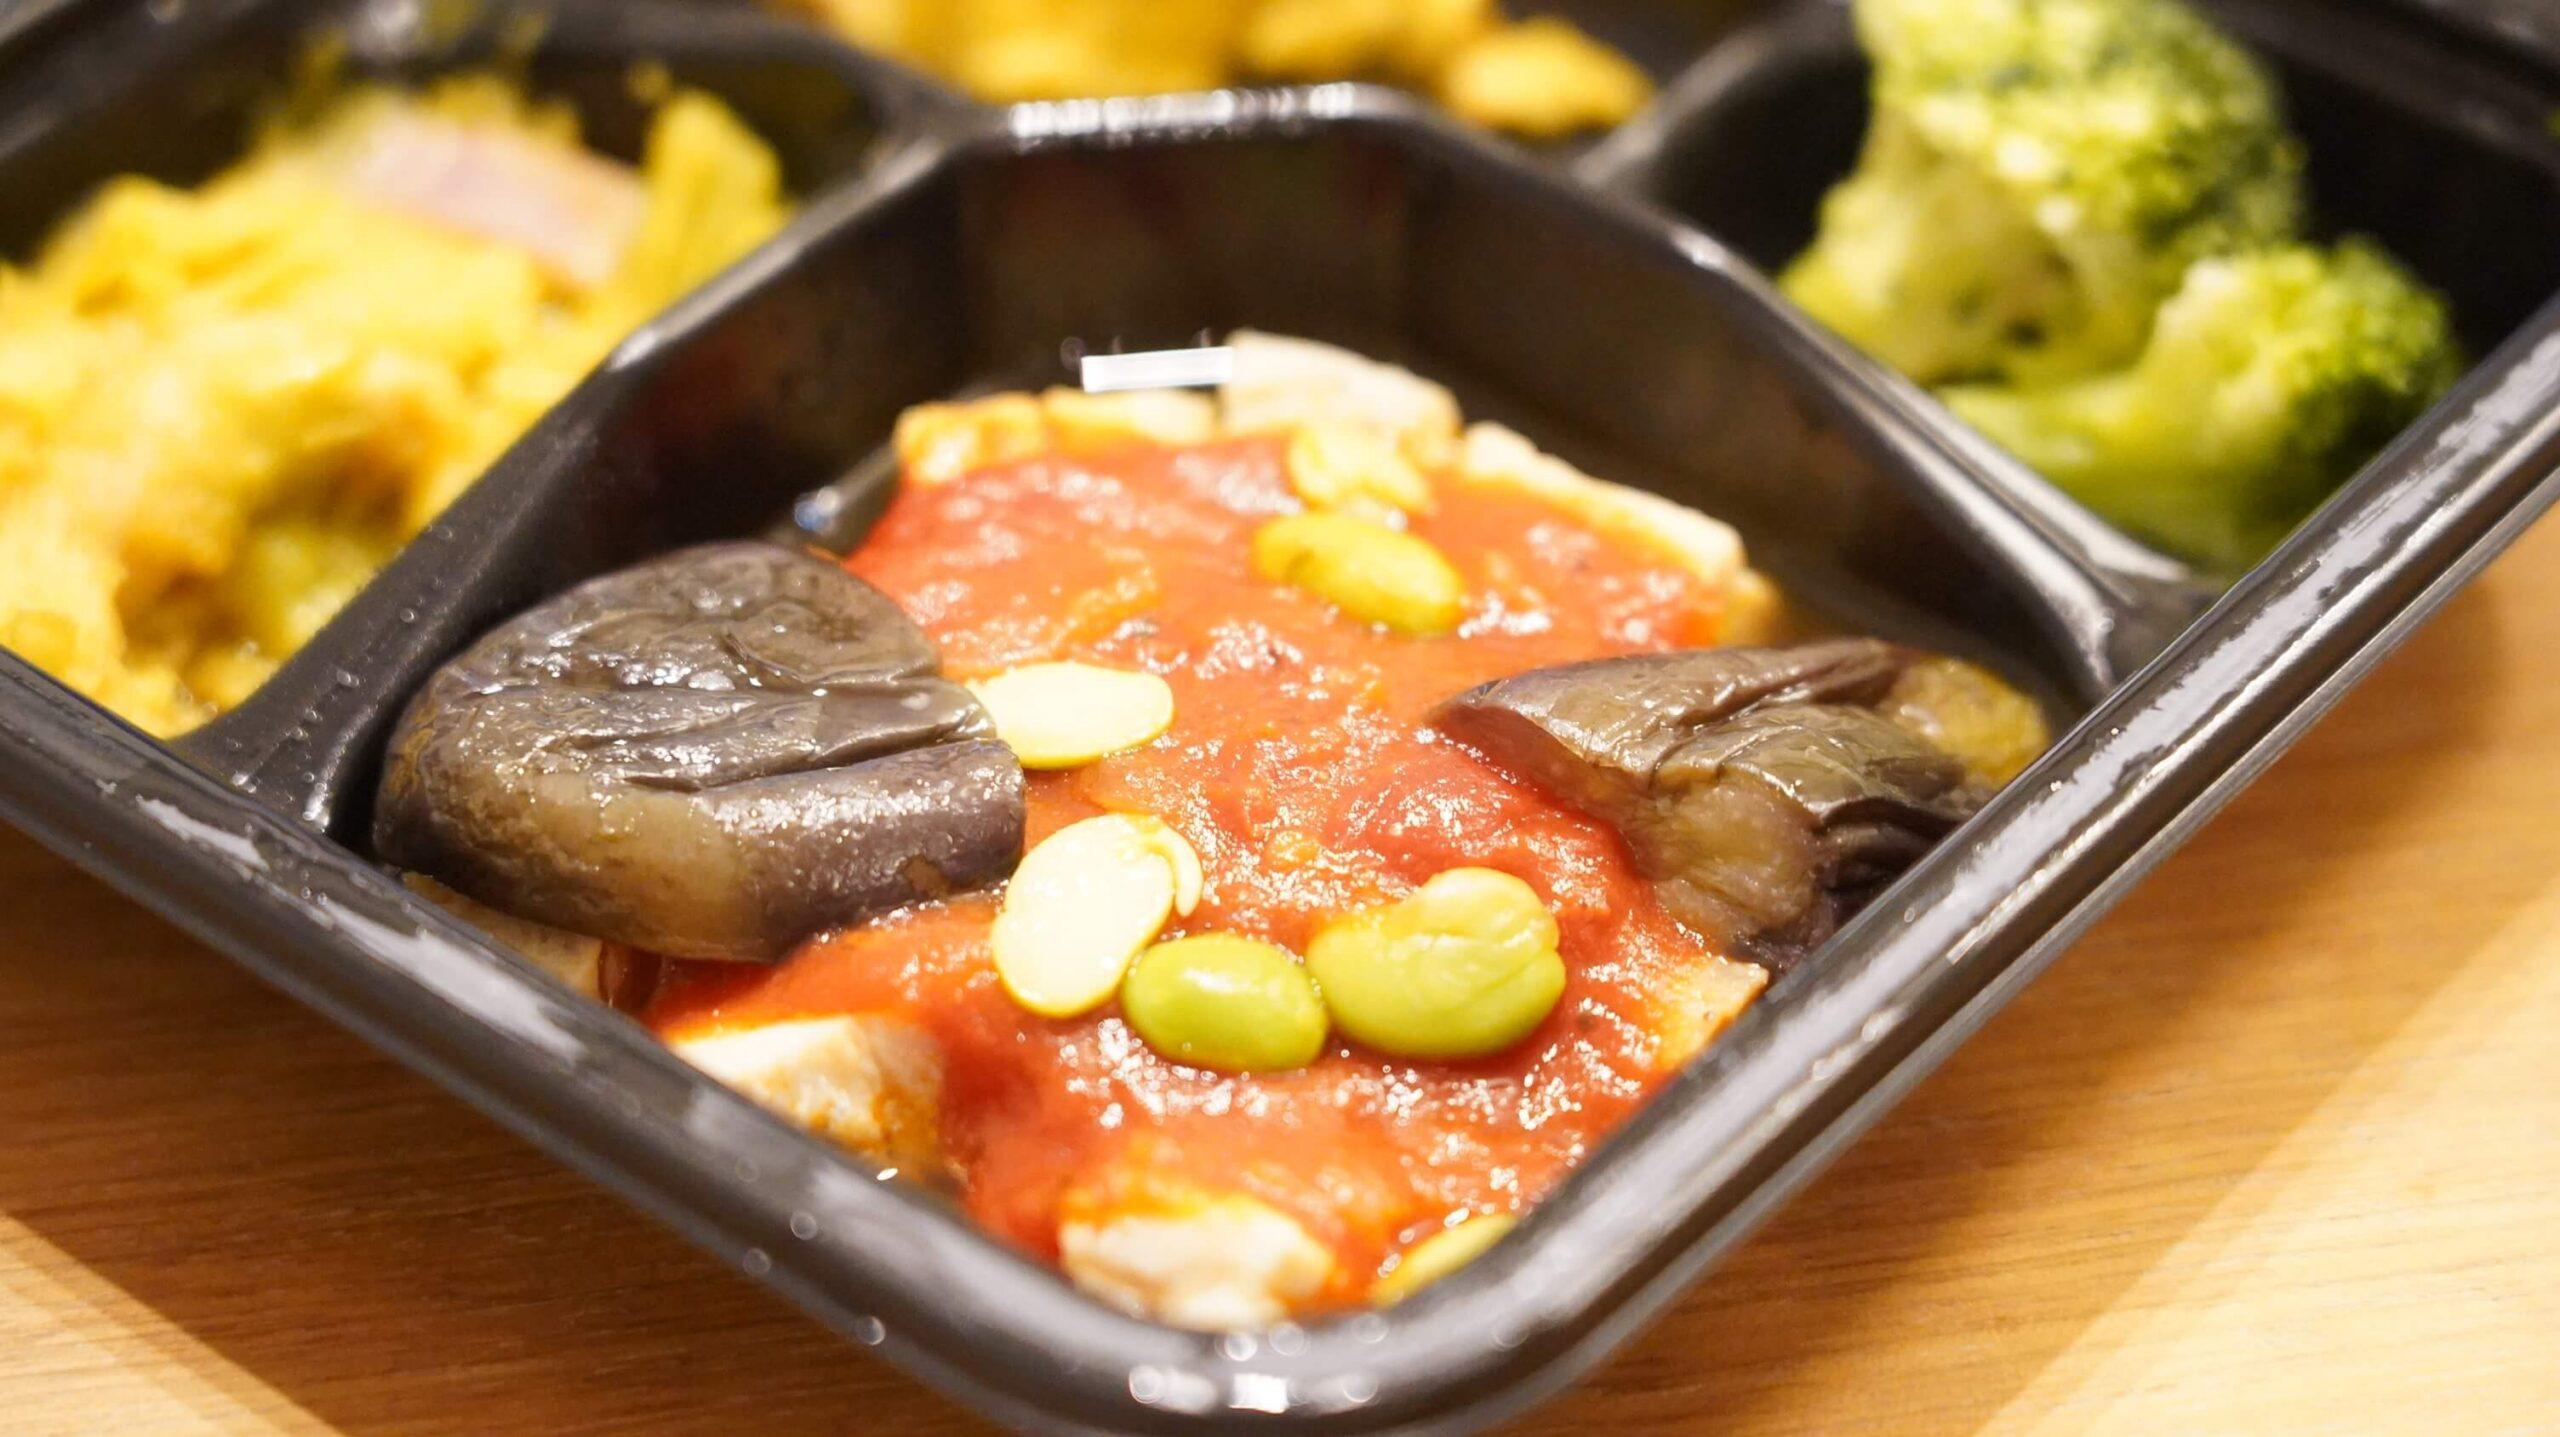 ライザップのサポートミール「チキンのトマトソースがけ」の拡大写真